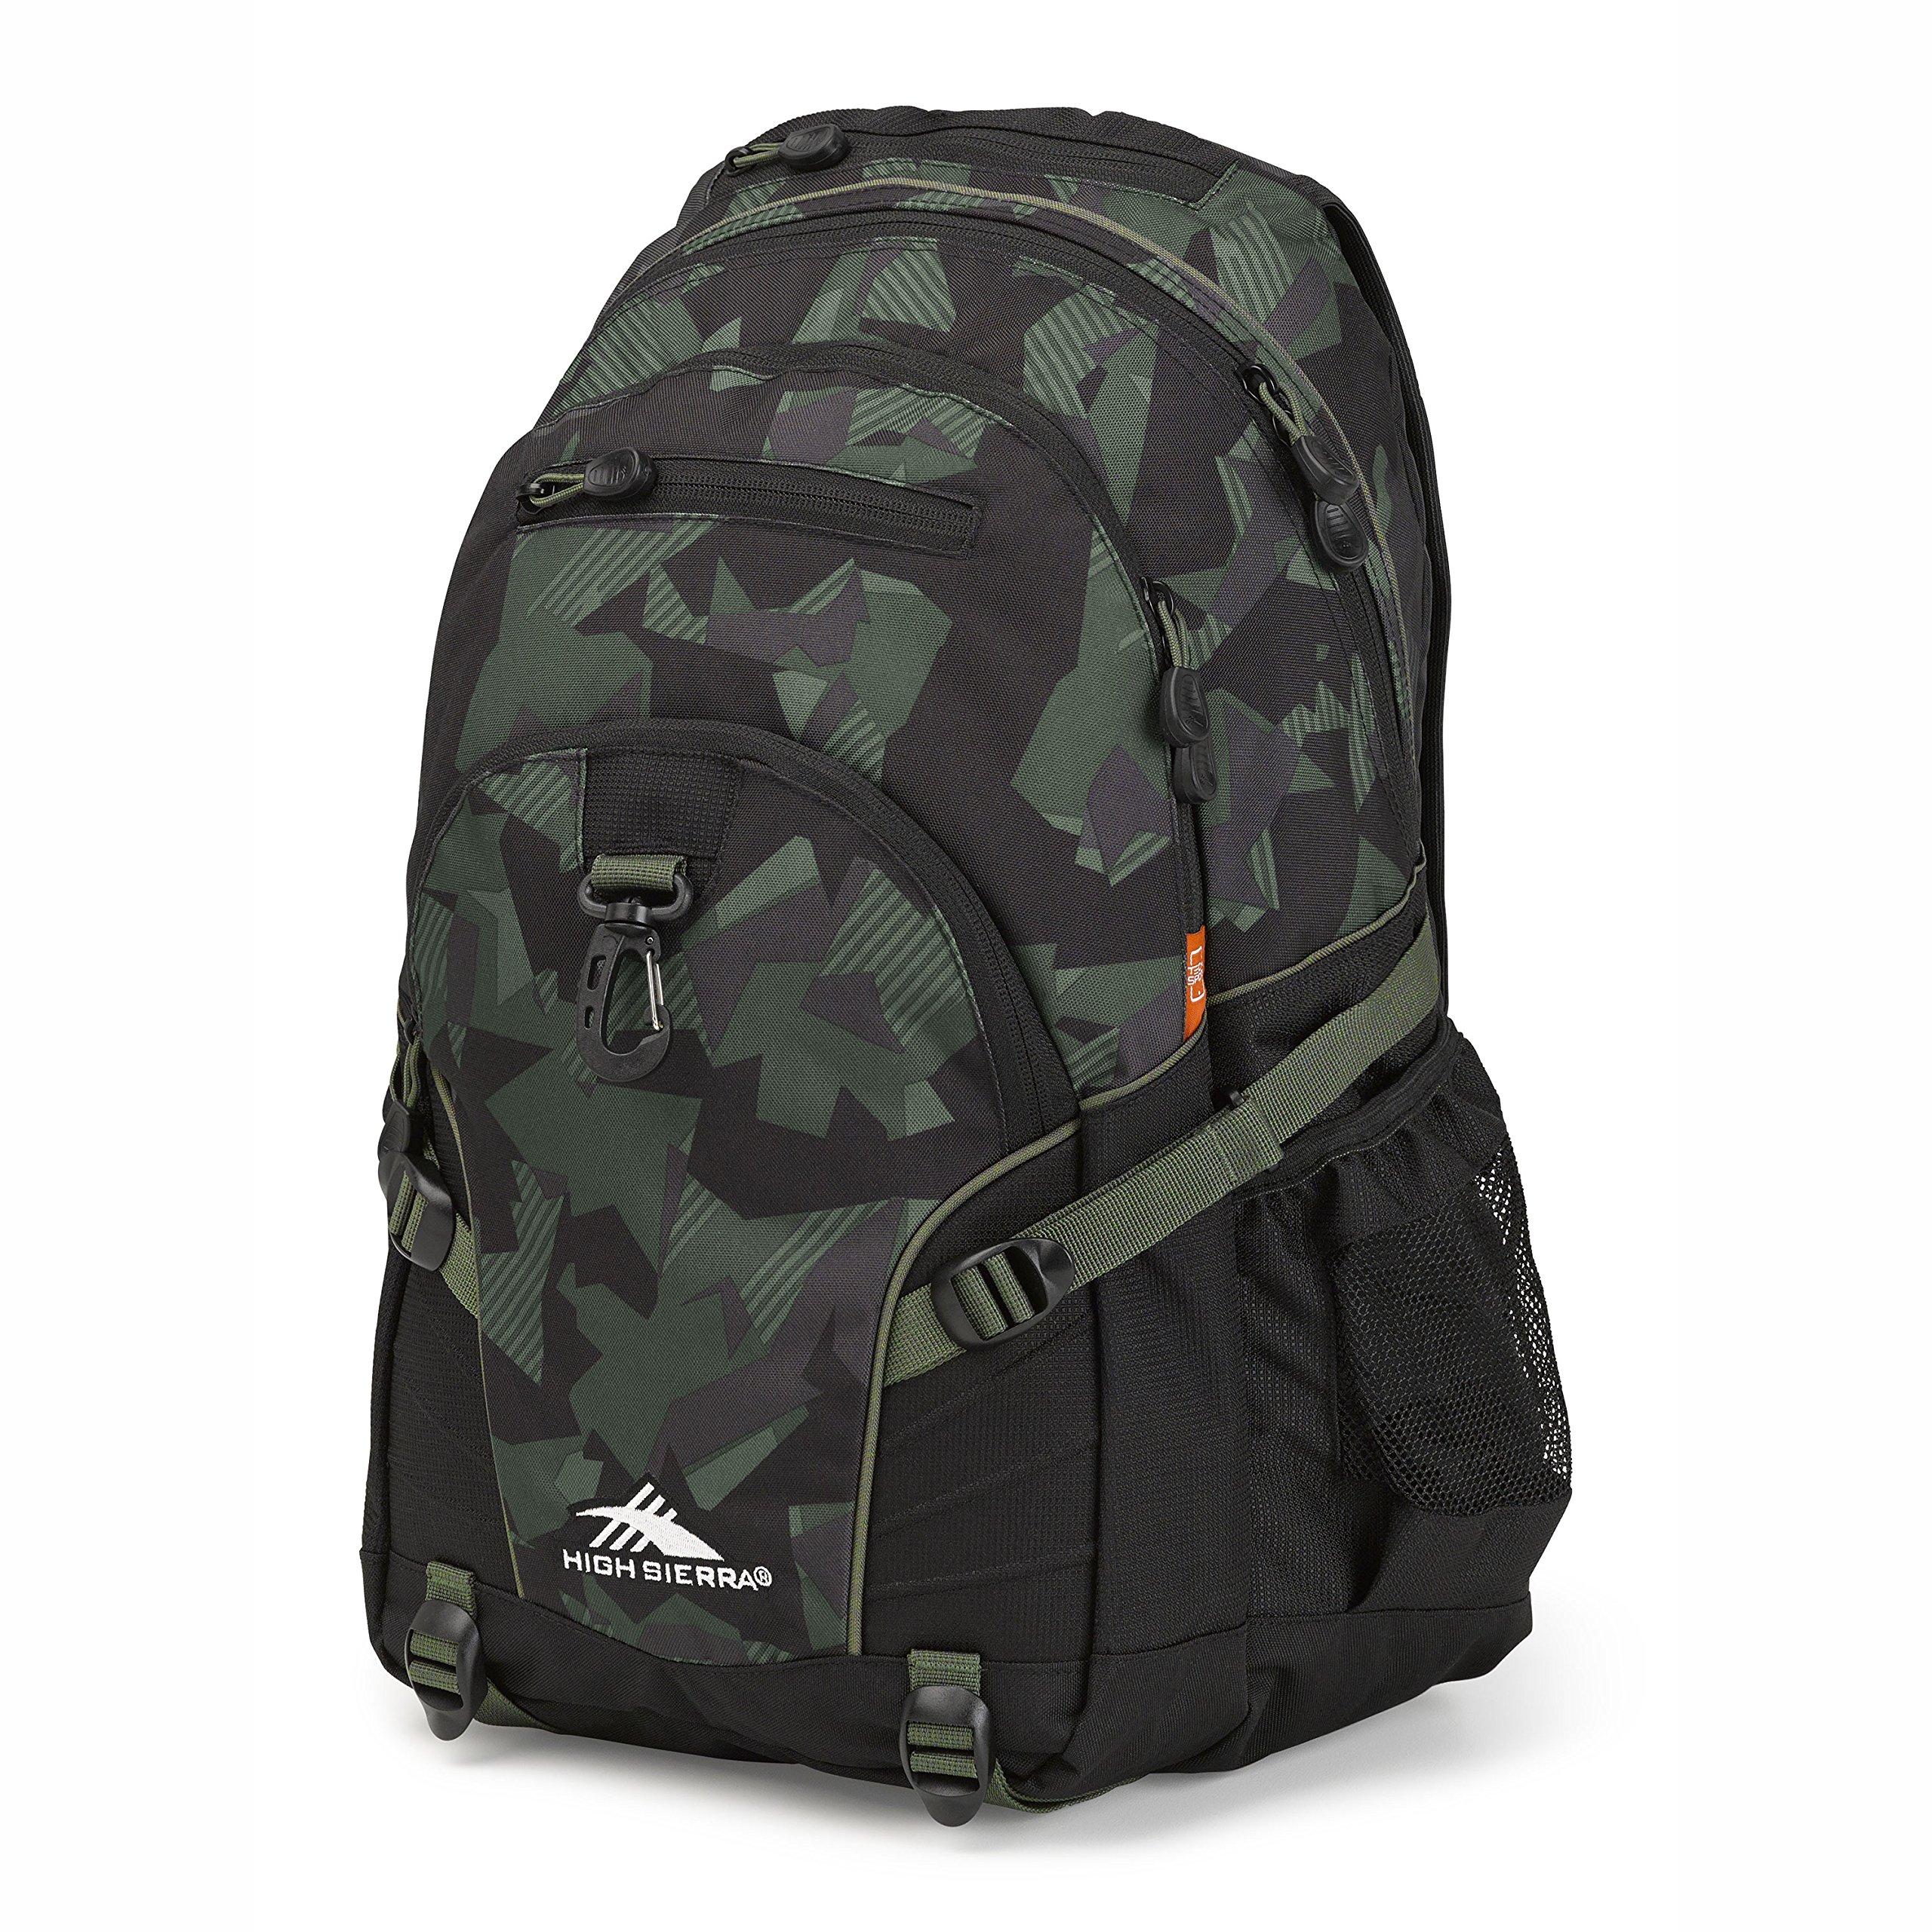 High Sierra Loop Backpack, Shattered Camo/Black/Olive